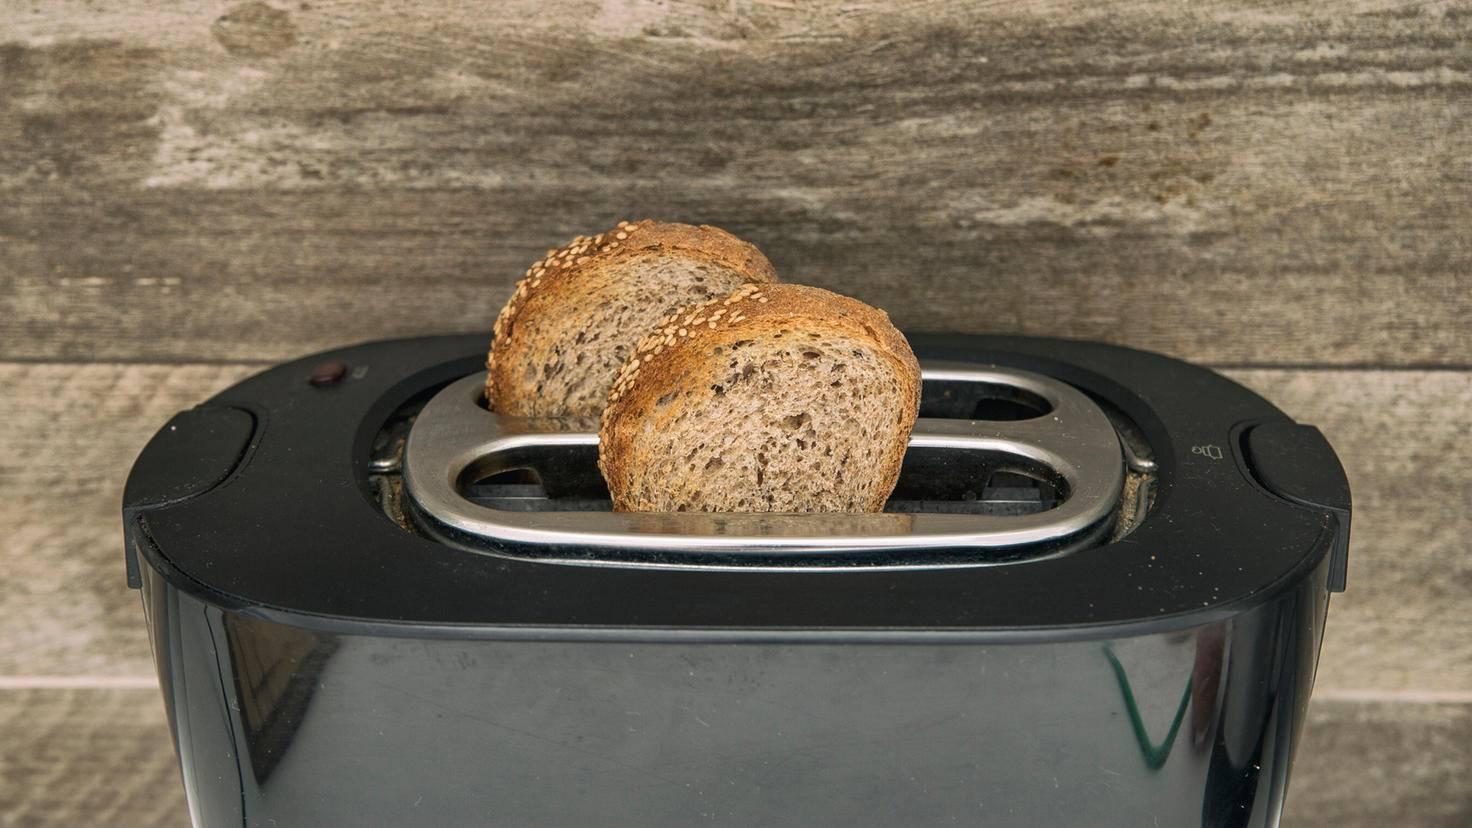 Einzelne gefrorene Scheiben können schnell und einfach im Toaster aufgebacken werden.